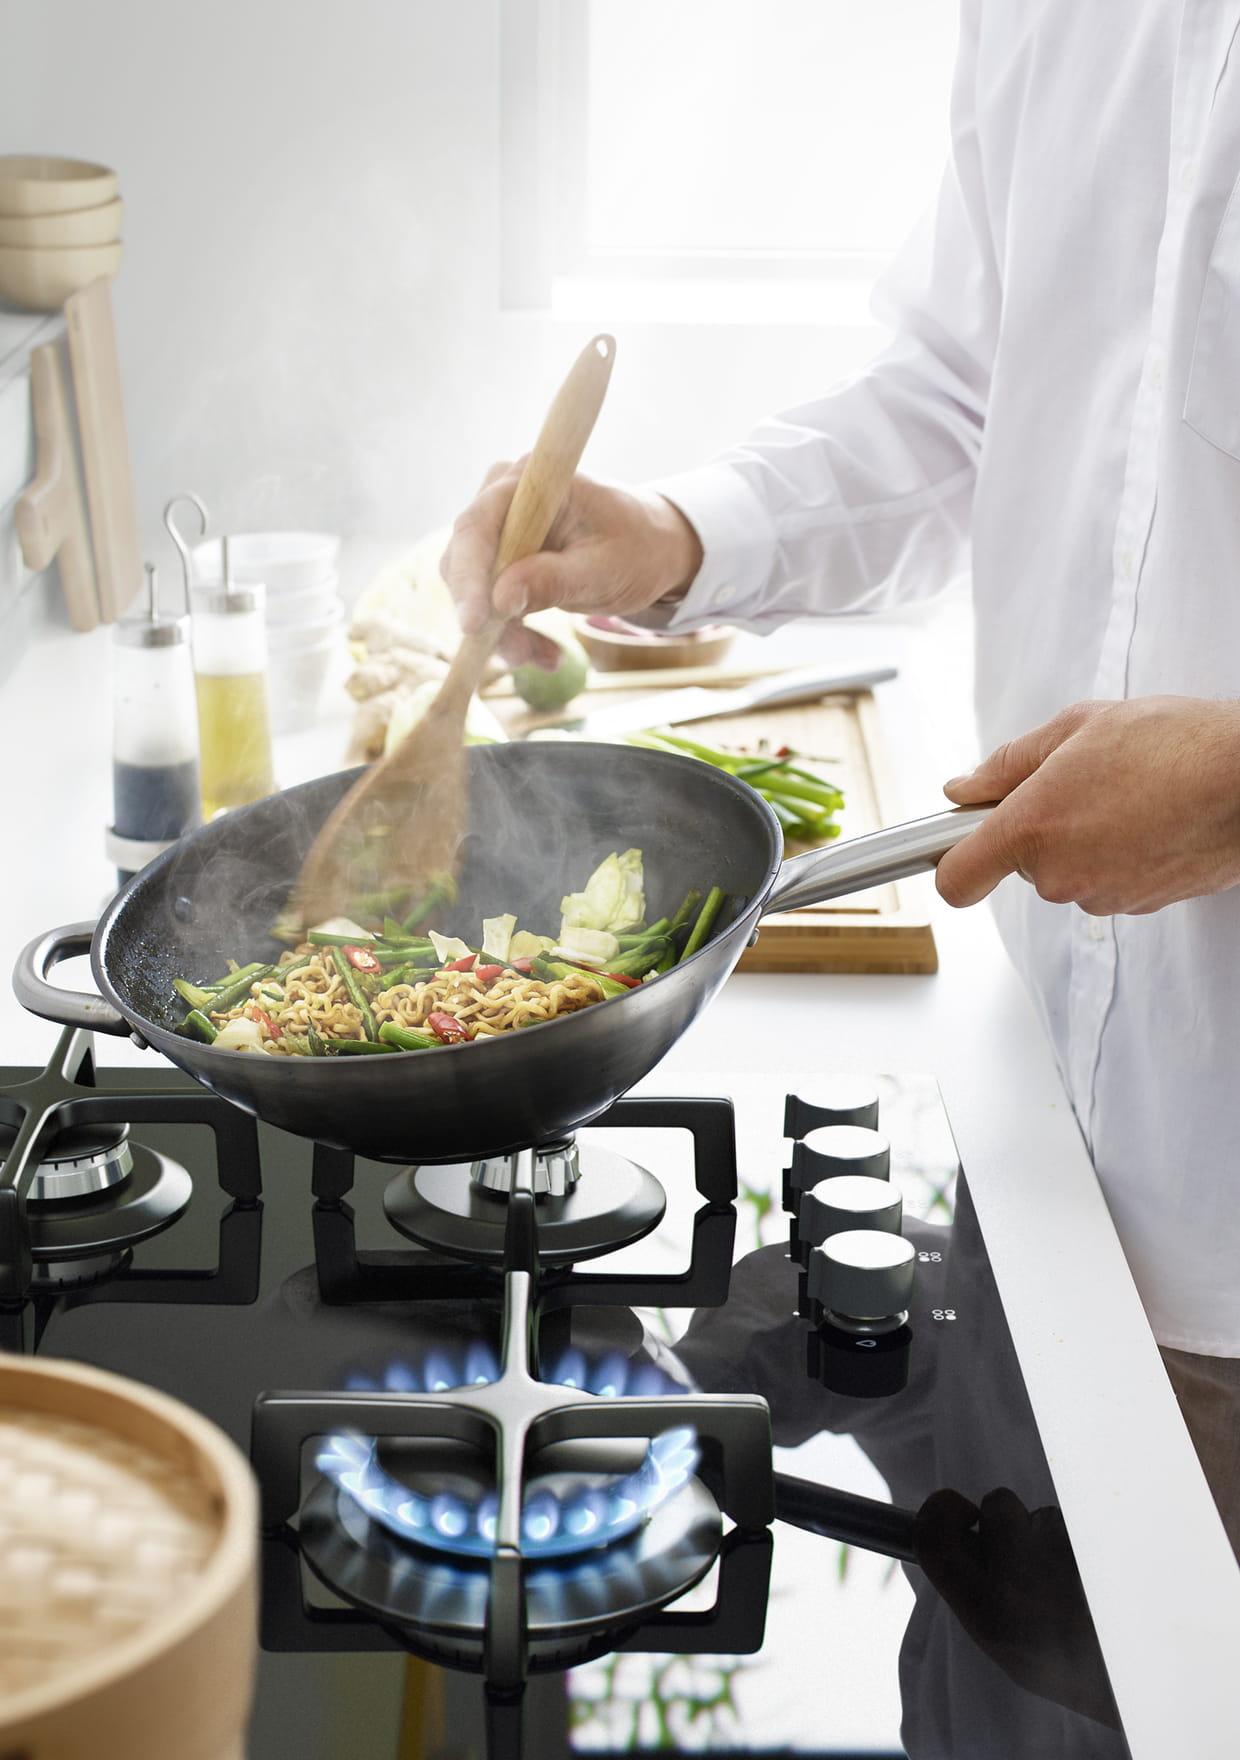 Le wok 365 d 39 ikea for 365 jours de cuisine